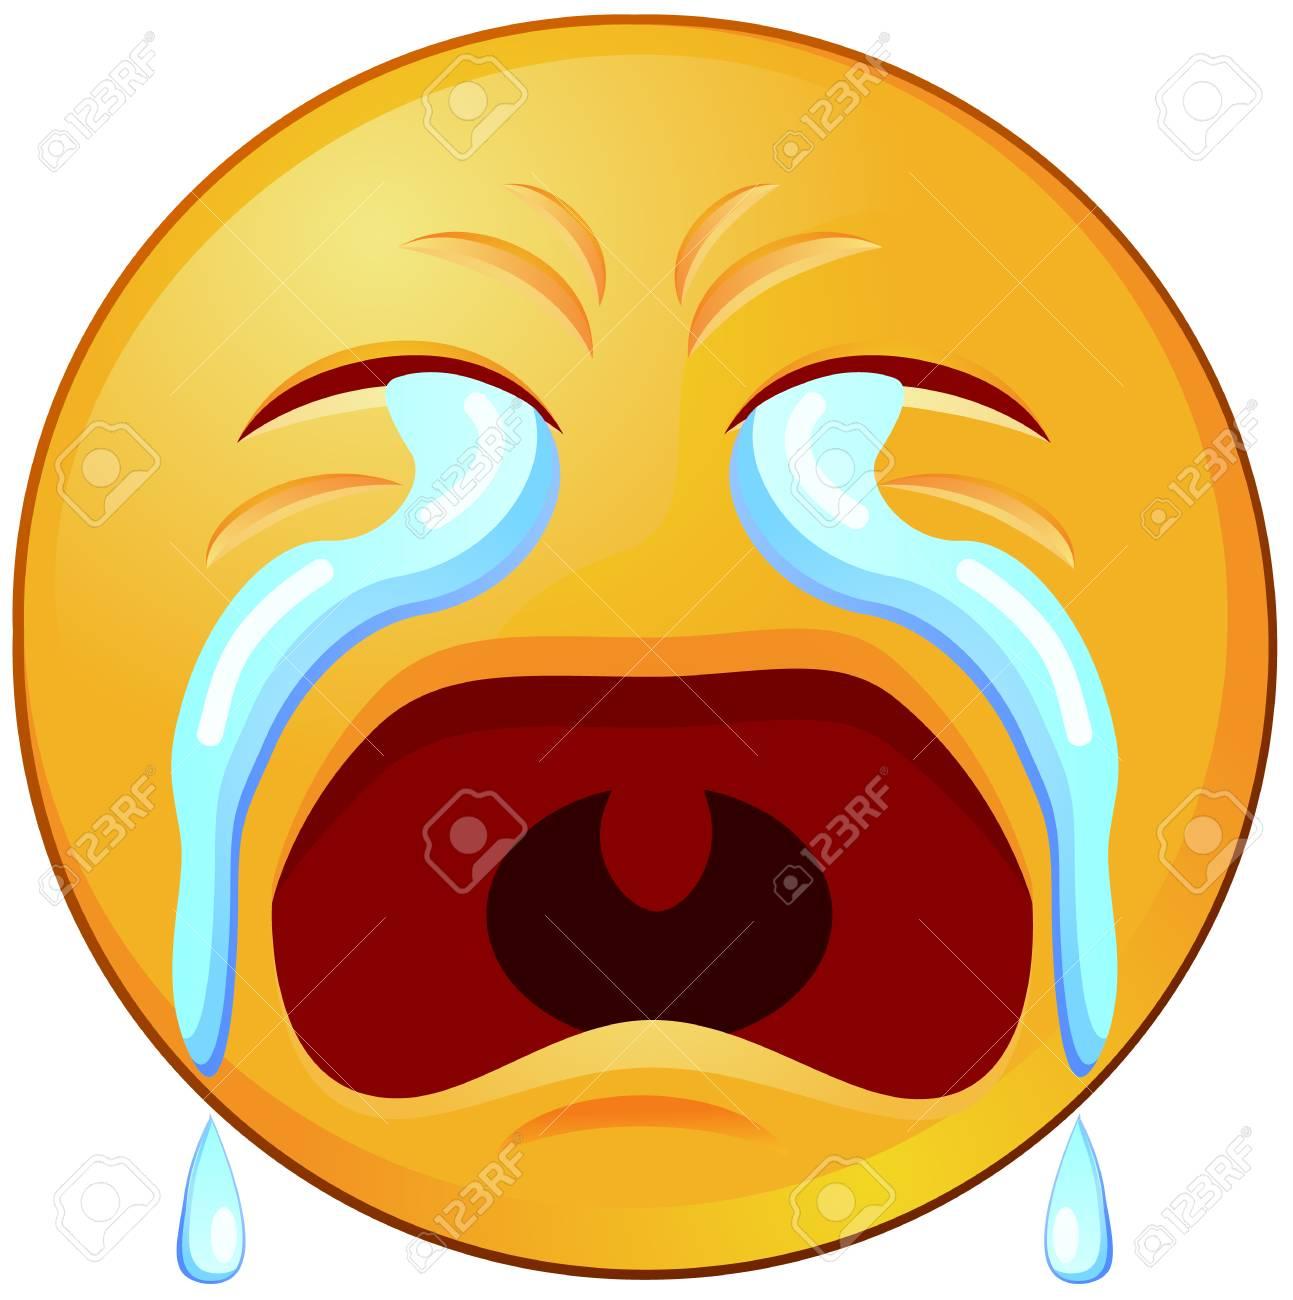 Crying emoji or emoticon vector icon.